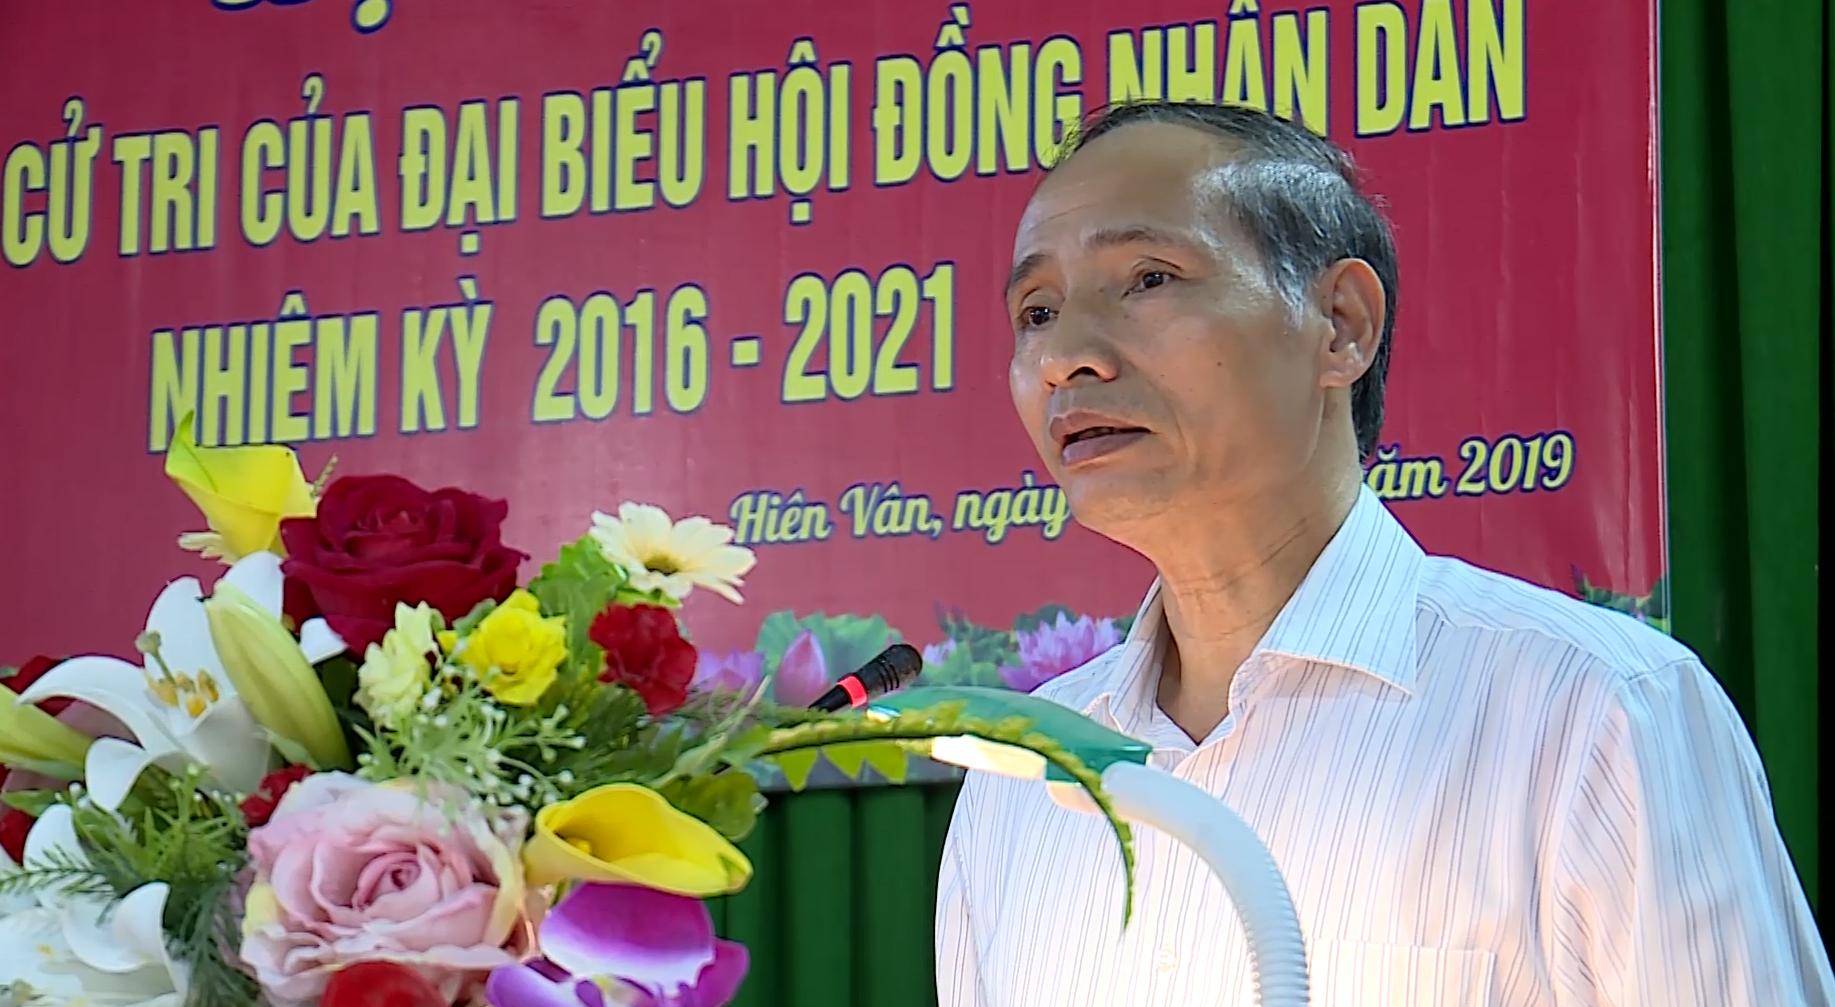 Phó Chủ tịch UBND tỉnh Nguyễn Hữu Thành tiếp xúc cử tri xã Hiên Vân